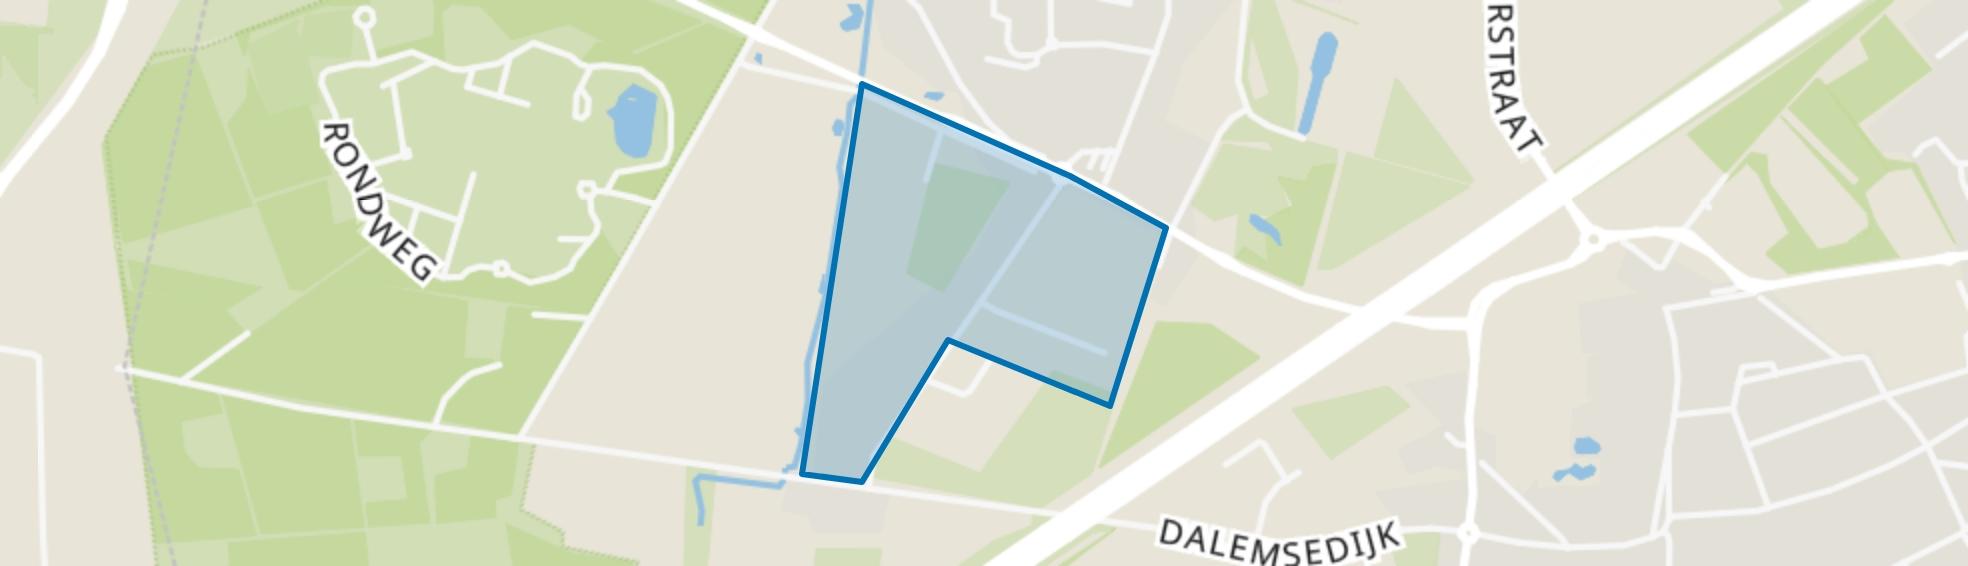 Bedrijventerrein Duizel, Duizel map